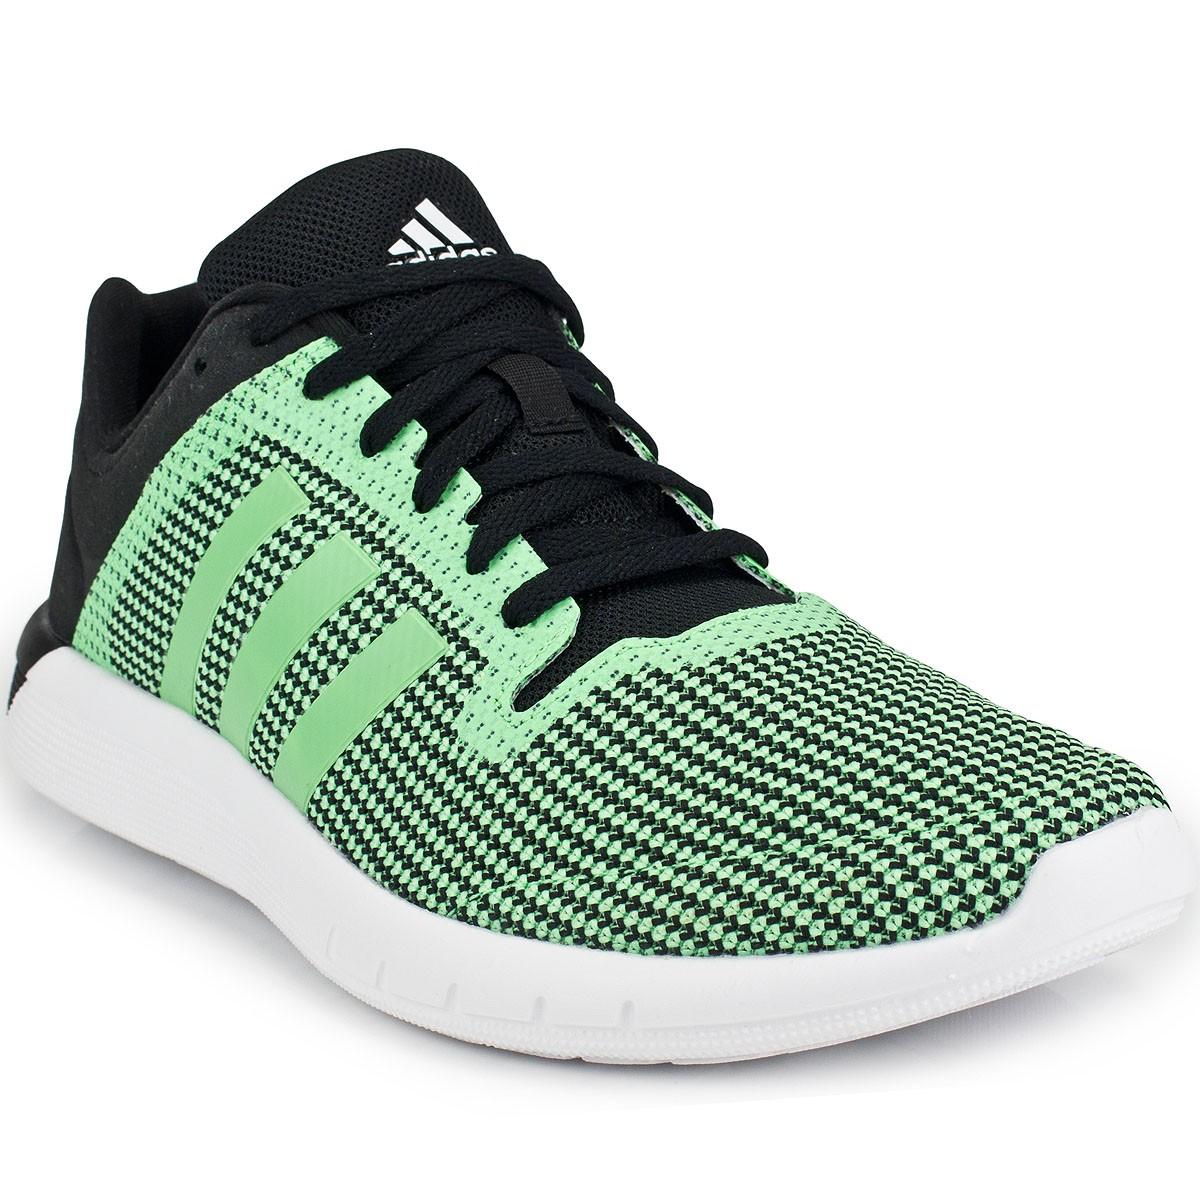 8a515aec5b8 Tênis Adidas CC Fresh 2 M